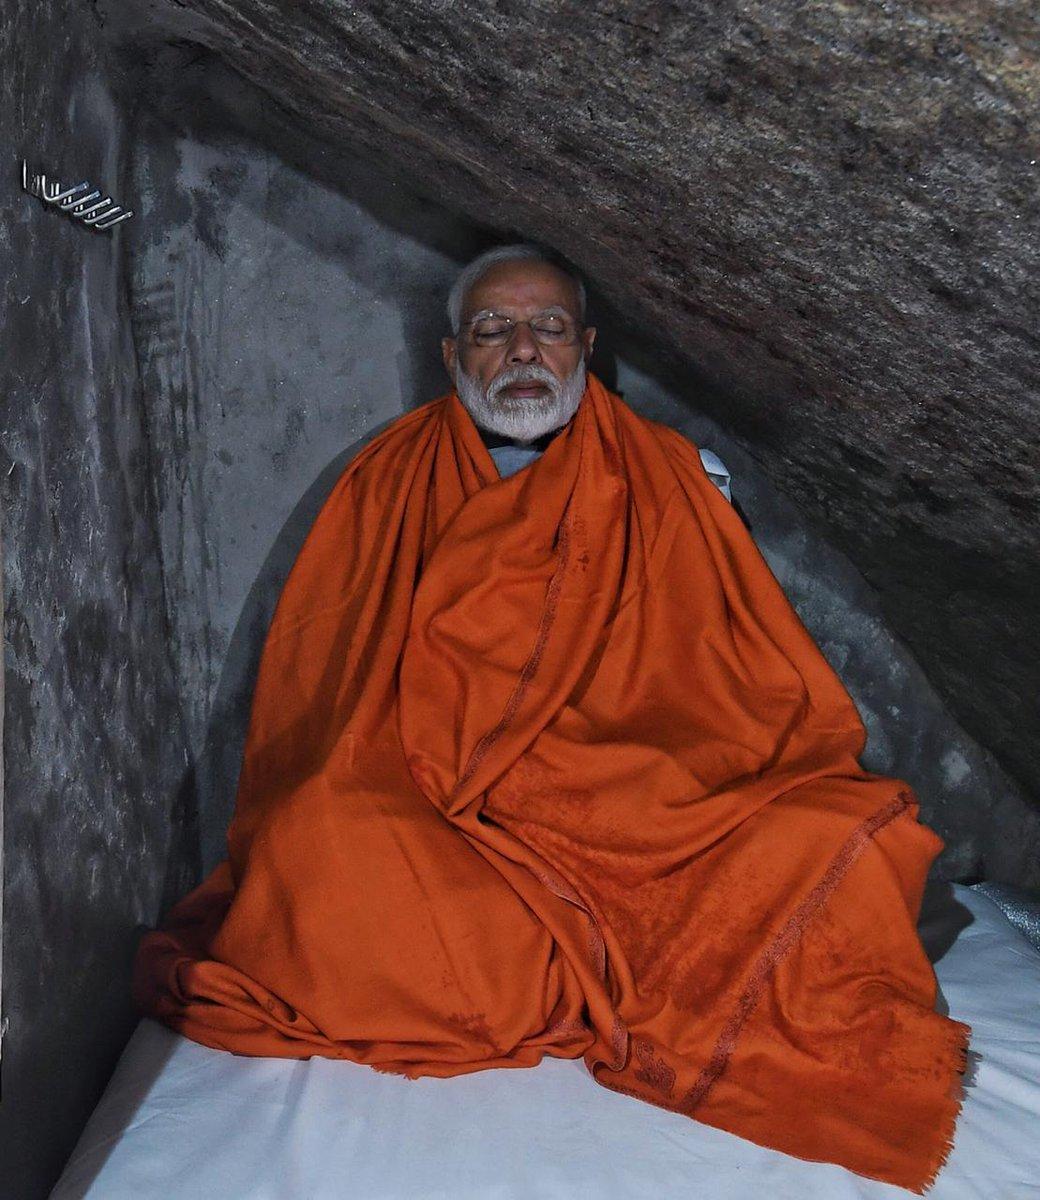 त्याग, तपस्या, वात्सल्य तथा करुणा की मूर्ति भगवान् शिव आपकी सभी की मनोकामनाओं को पूर्ण करे। आपको फिरसे प्रधानमंत्री  देखने के लिए भारत की जनता के आर्शीवाद भी आपके साथ है।  हर हर महादेव। #Kedarnath